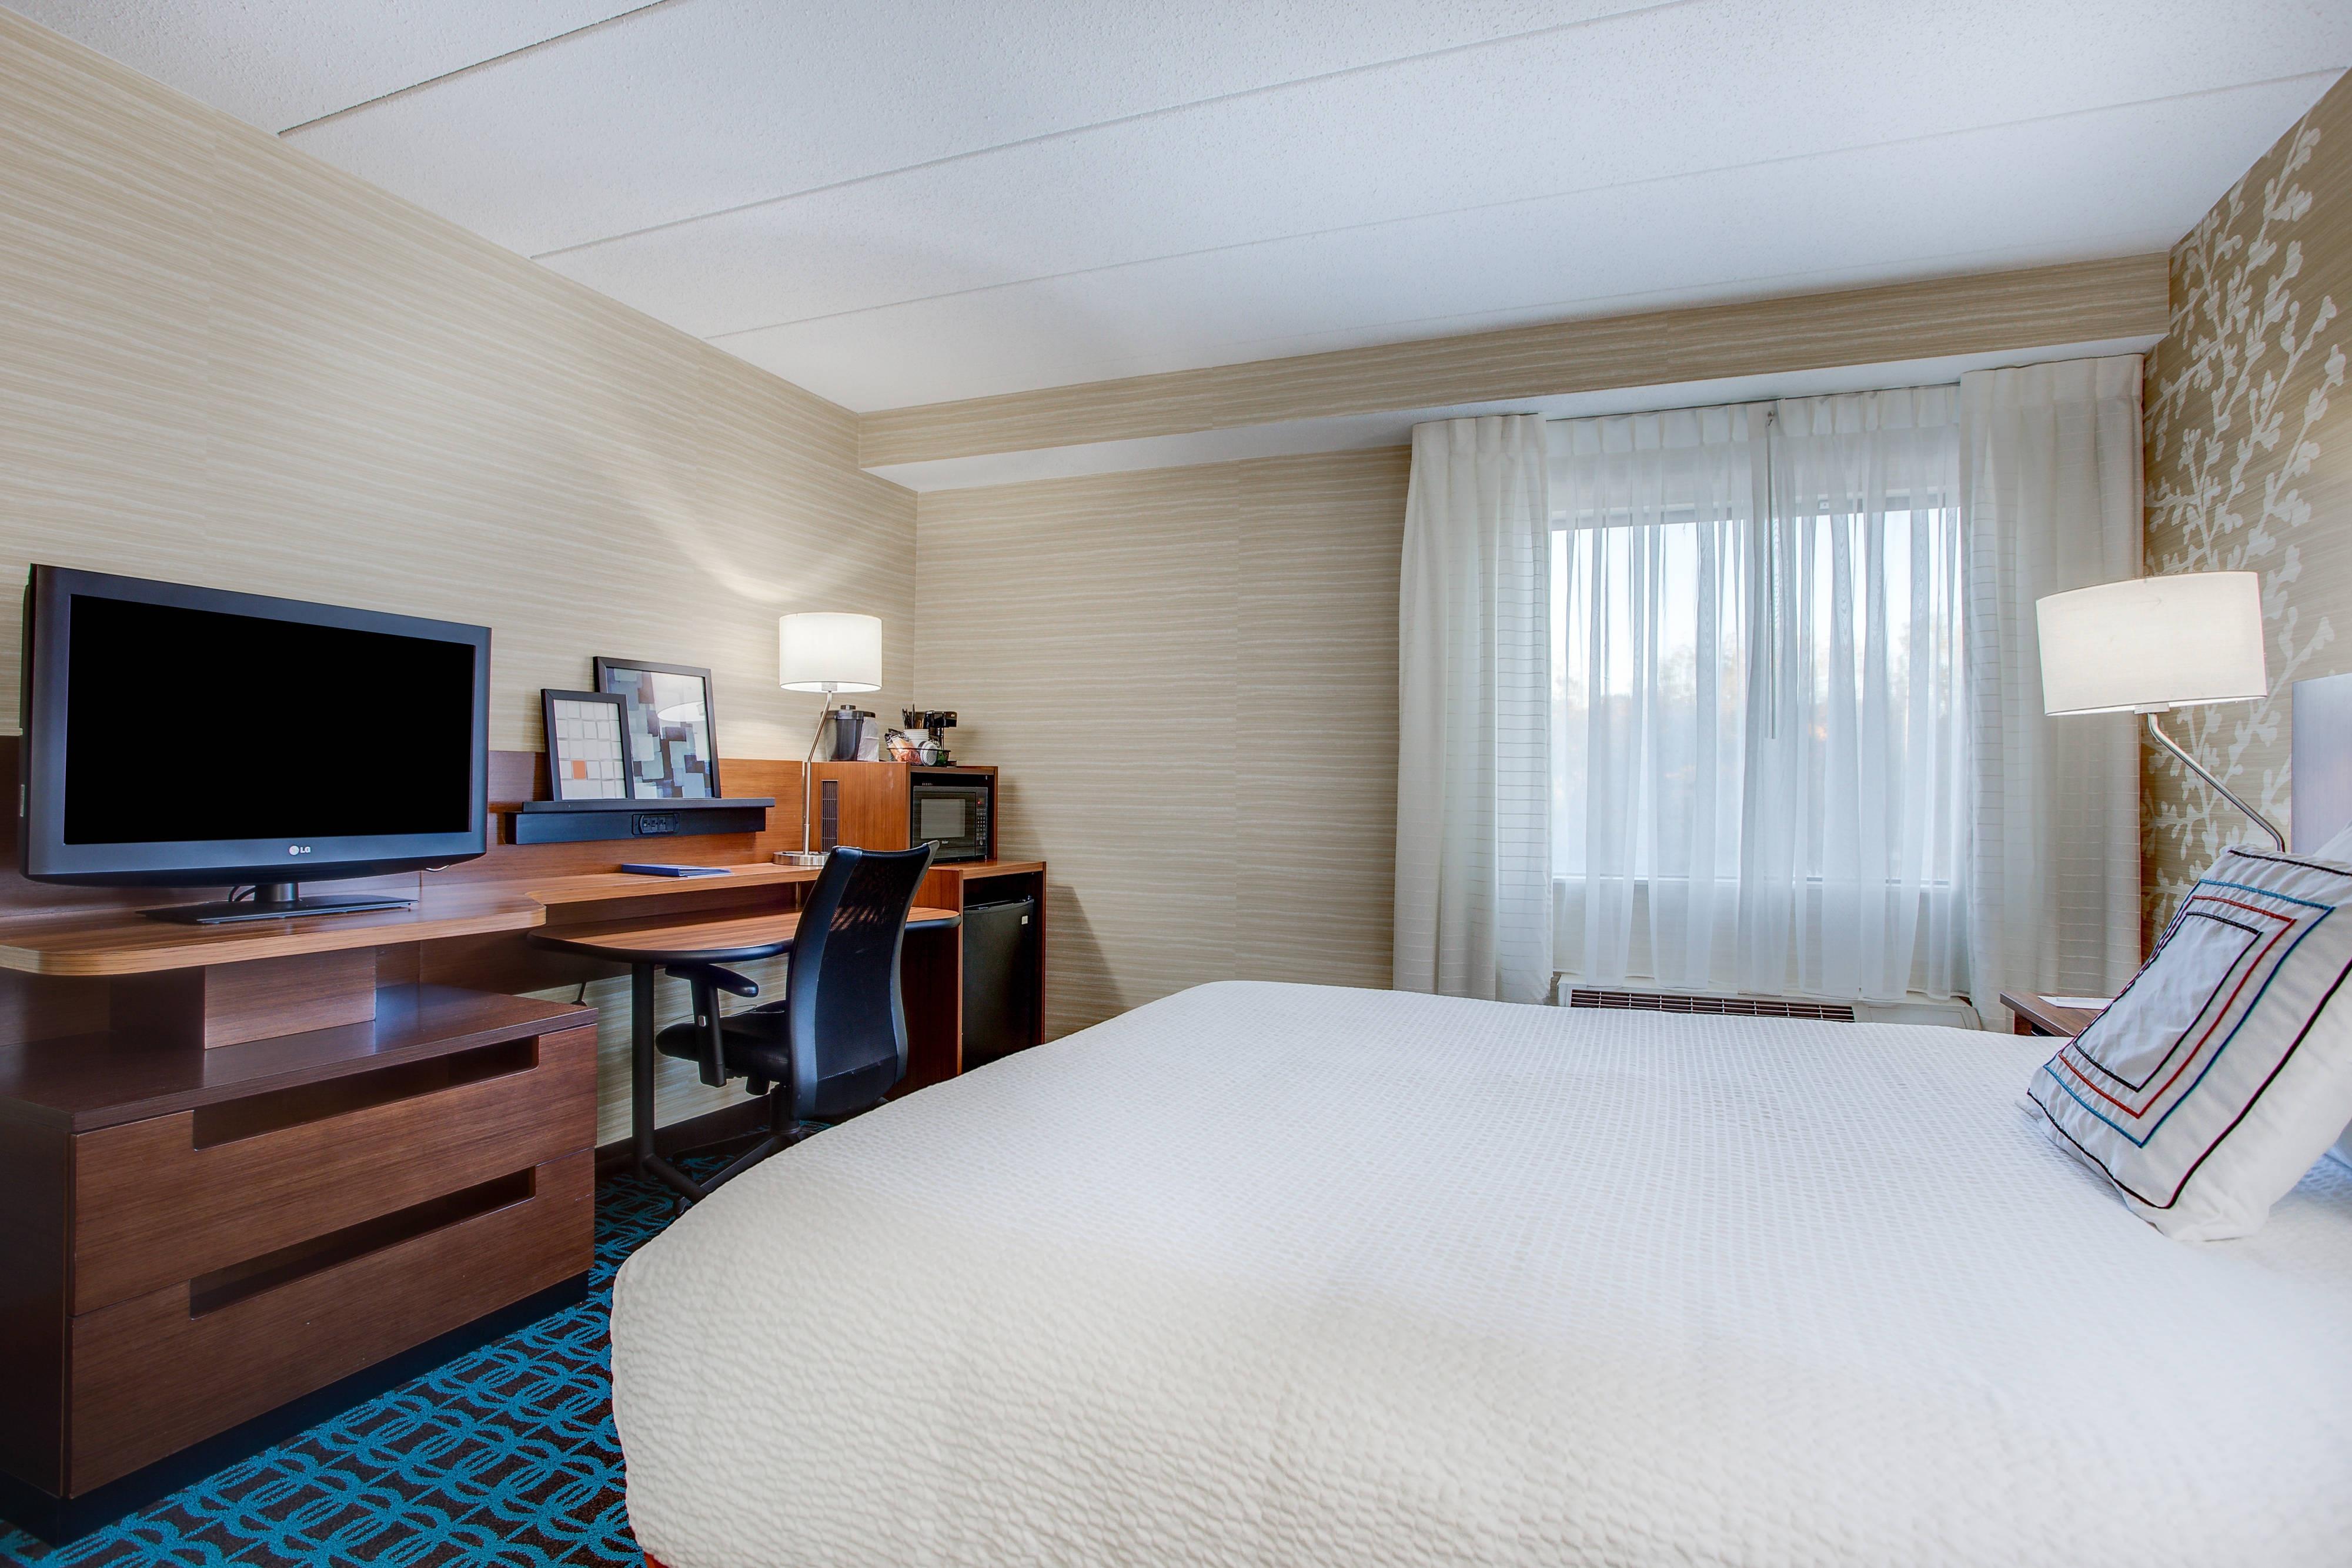 Gästezimmer mit Kingsize- oder Queensize-Bett